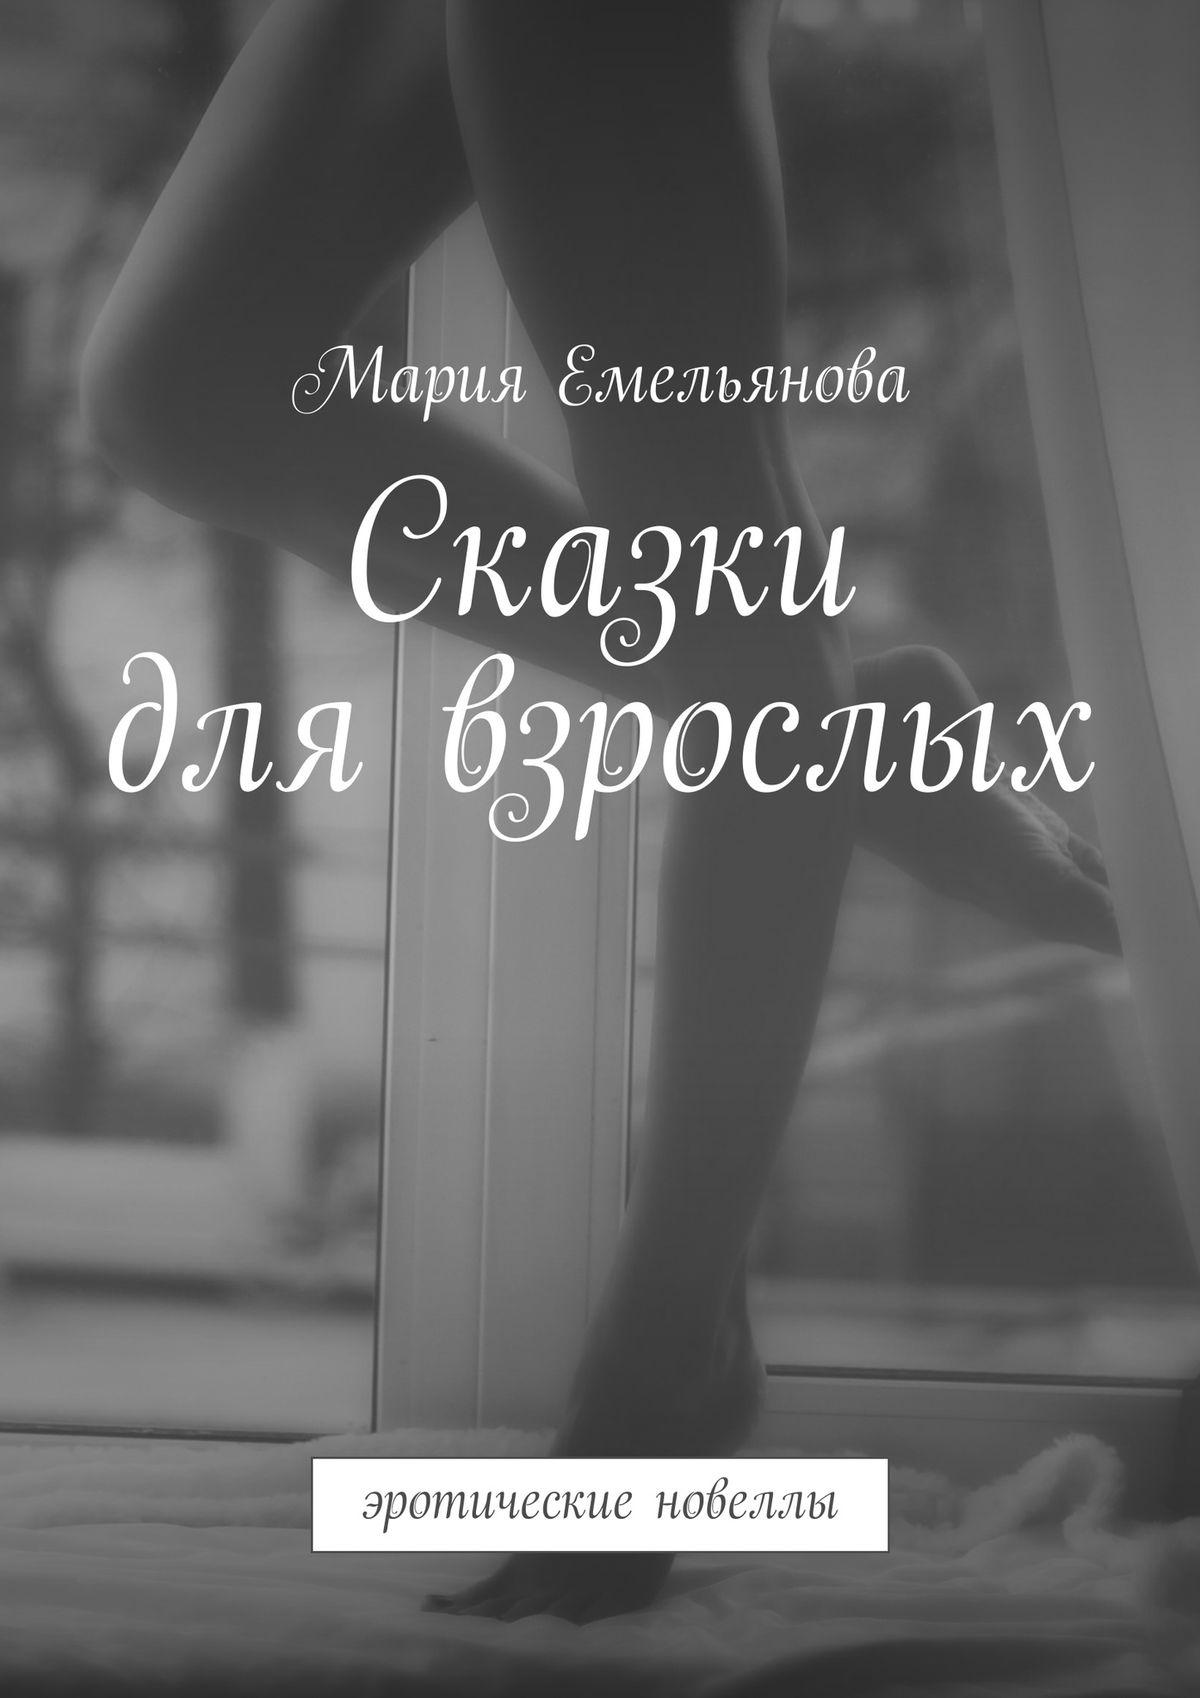 Мария Емельянова Сказки для взрослых. эротические новеллы не садись в машину где двое истории и разговоры